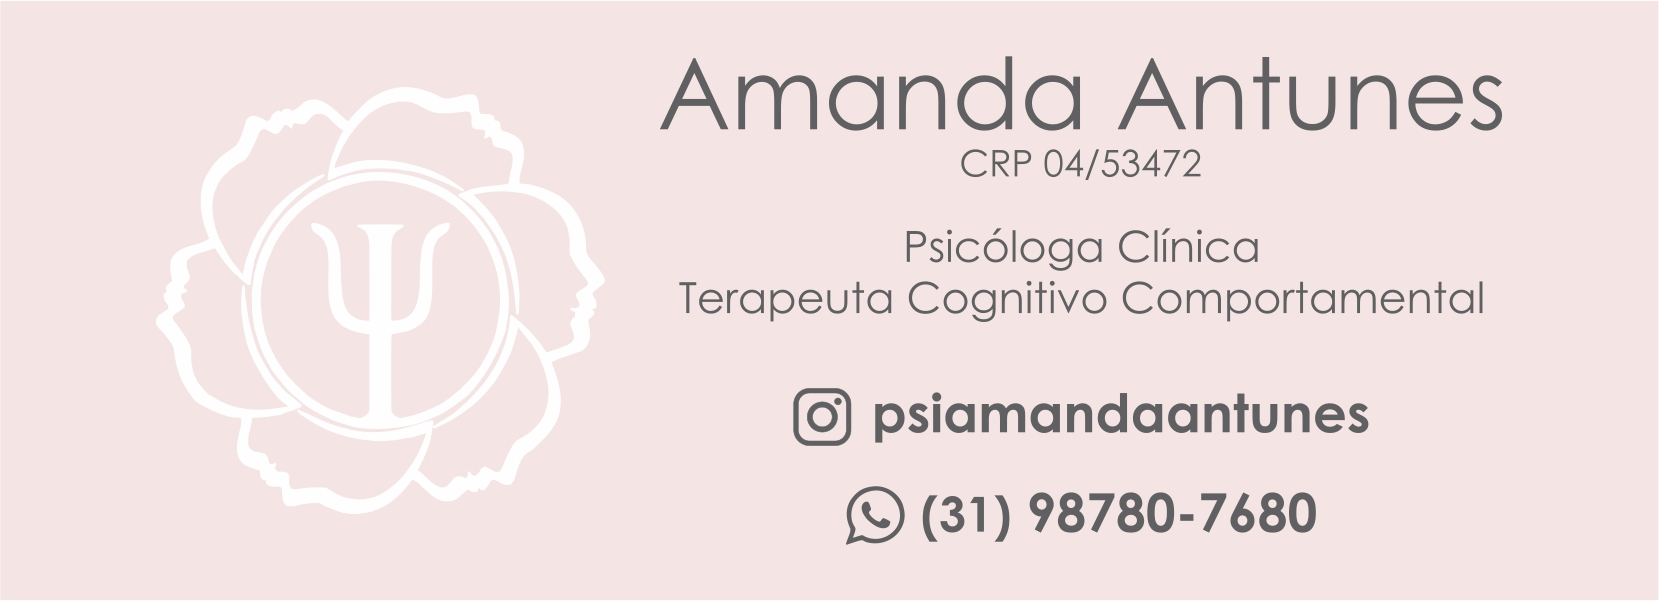 Amanda Antunes - Psicóloga